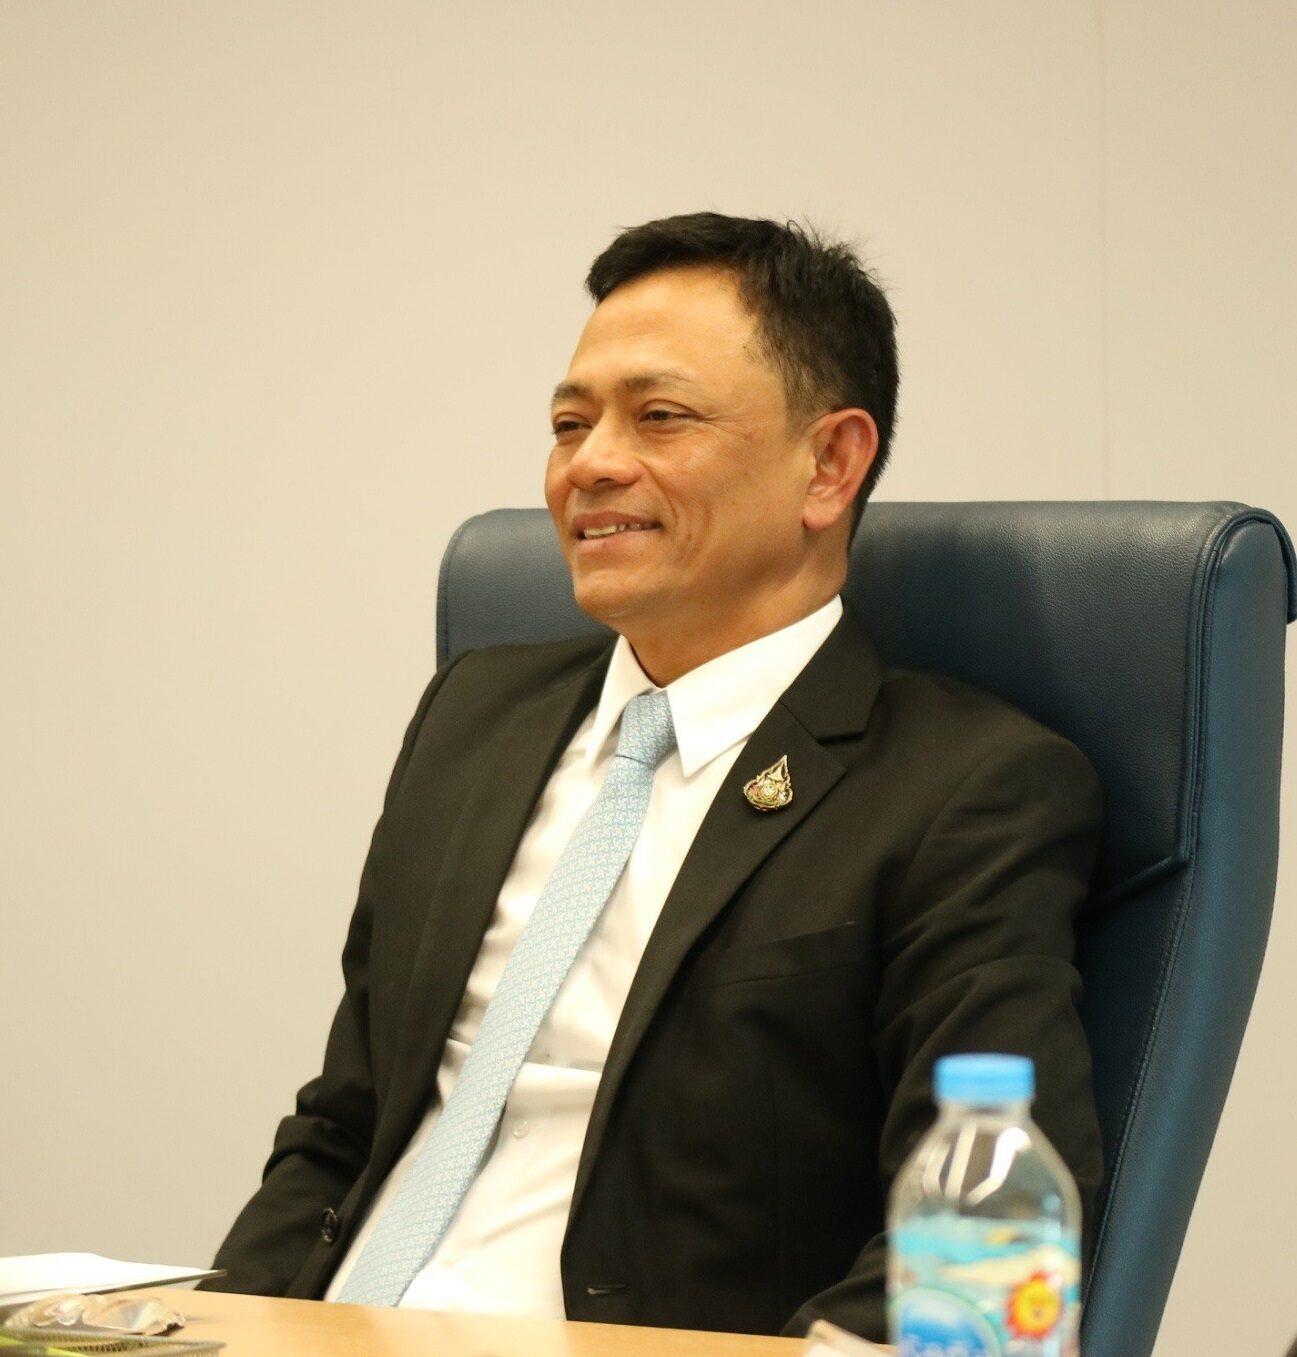 """""""อพท."""" เปิดโครงการ #คิดถึงชุมชน ลดผลกระทบพิษโควิด-19 ช่วยท่องเที่ยวไทย"""